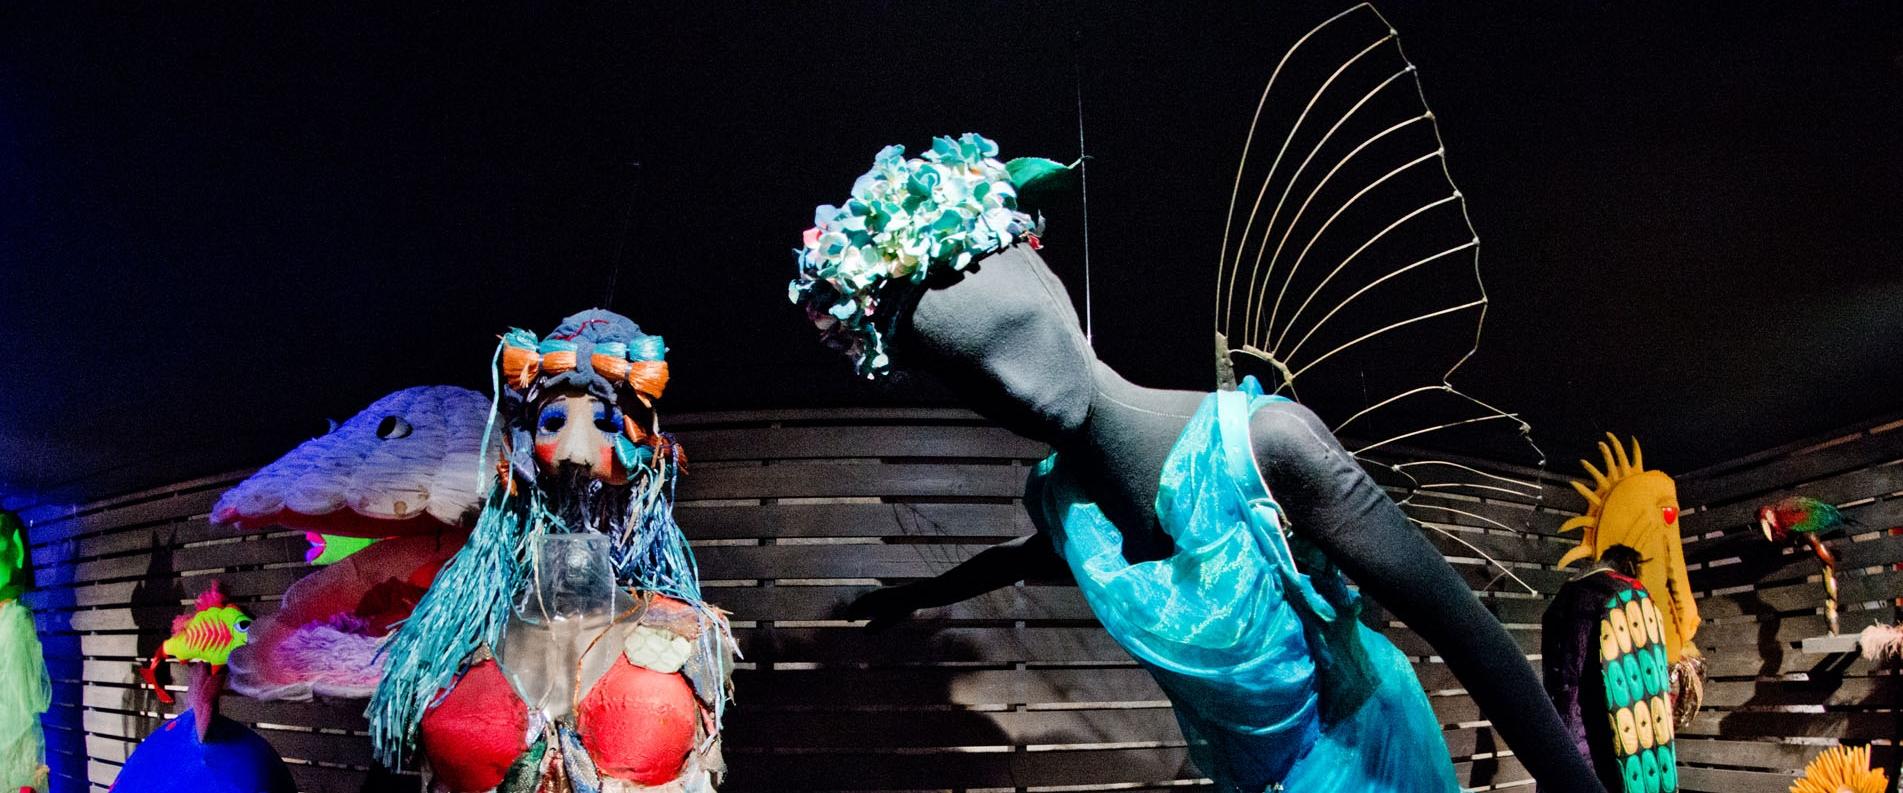 Музей театрального искусства Cyprus Theatre Museum в Лимассоле, фоторепортаж